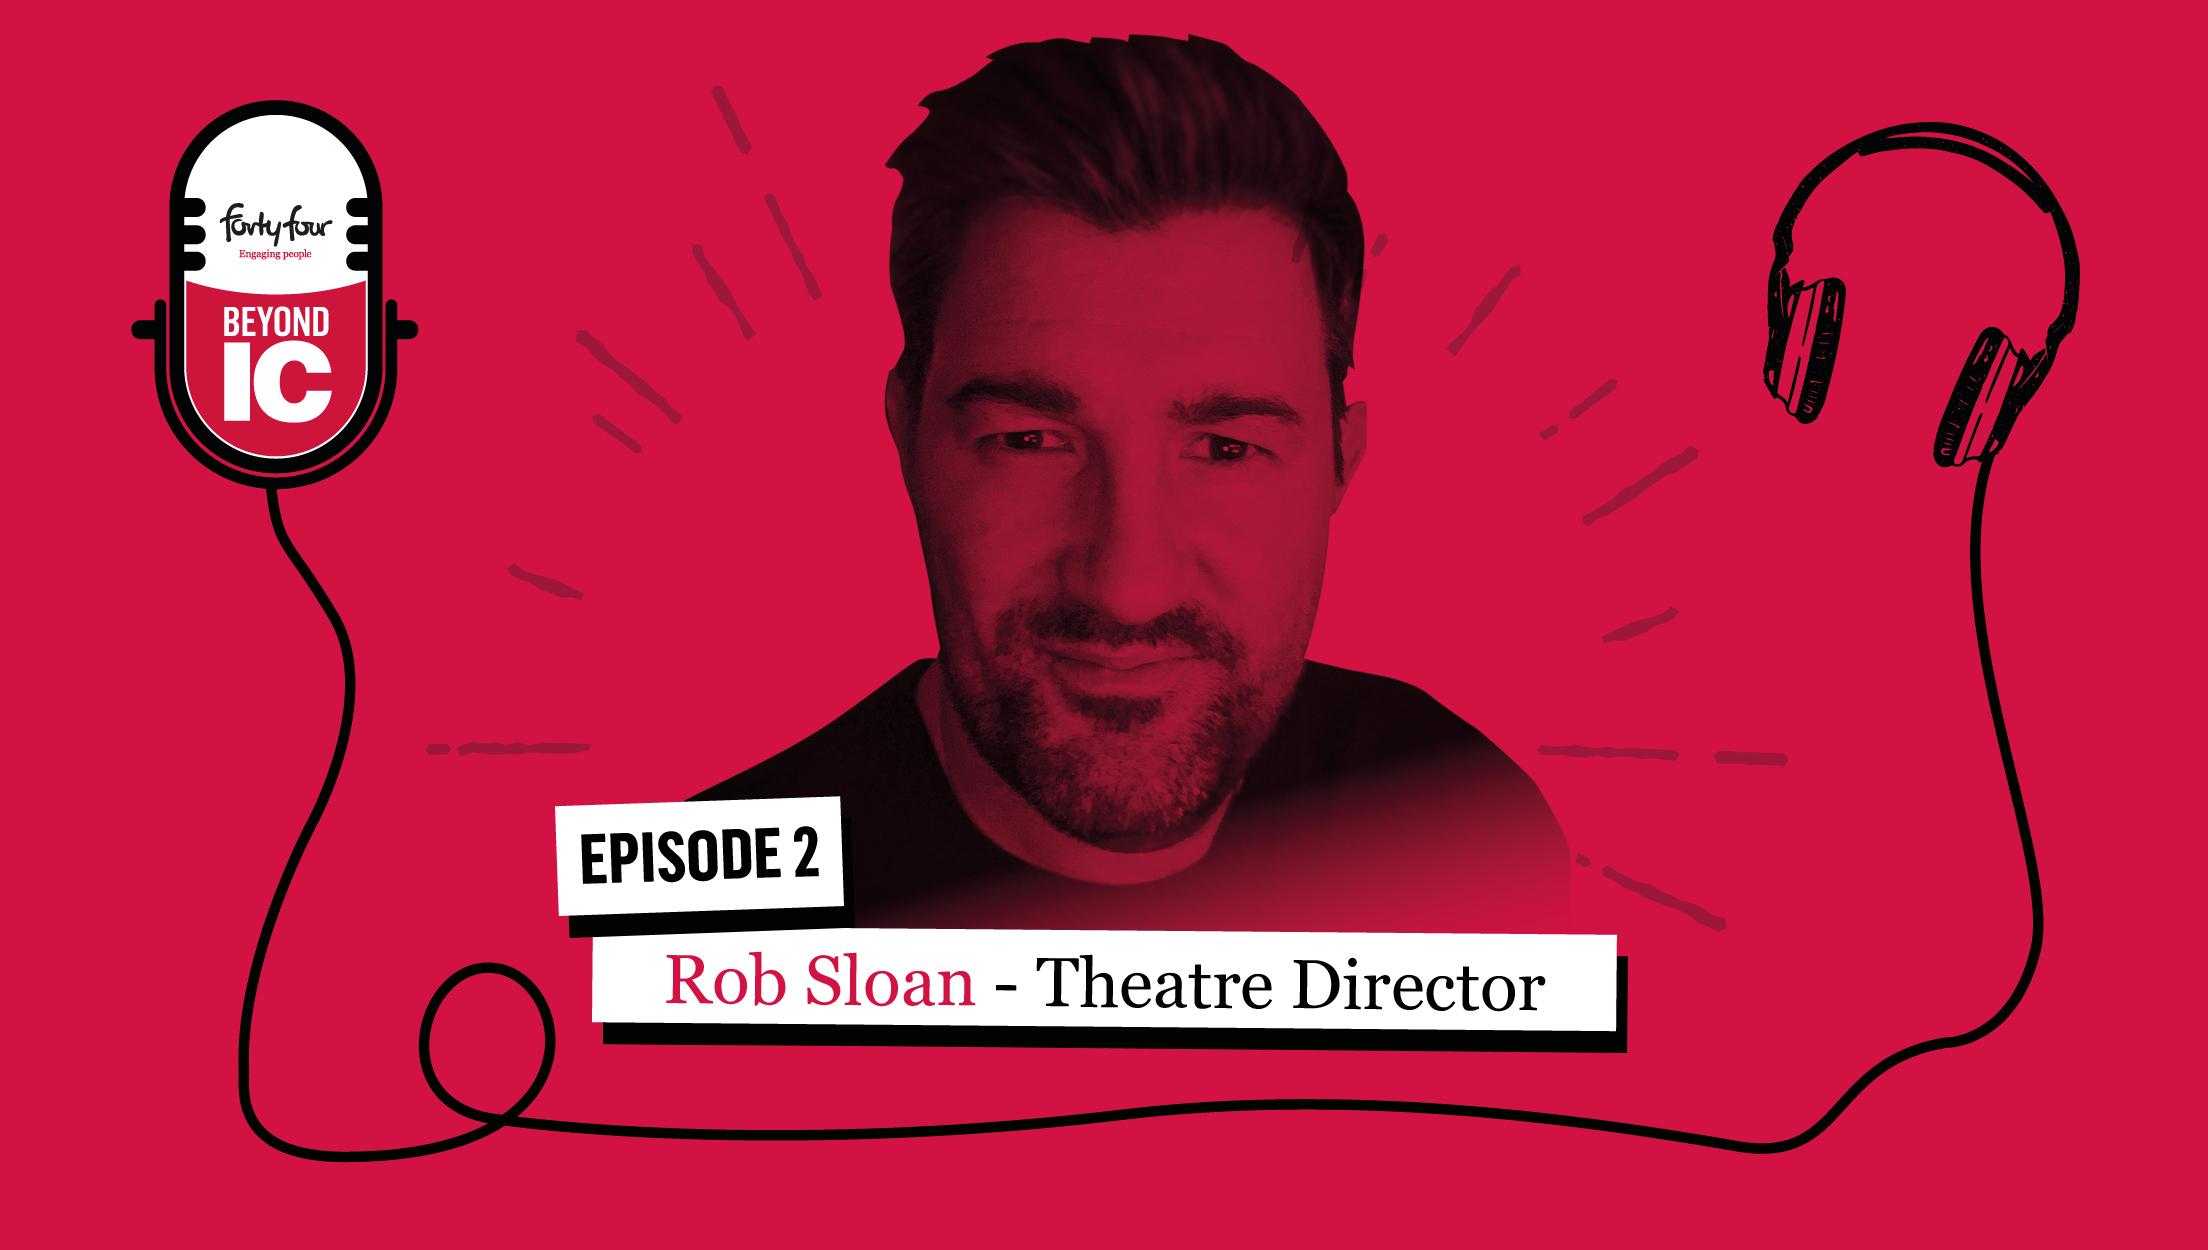 Beyond IC Rob Sloan